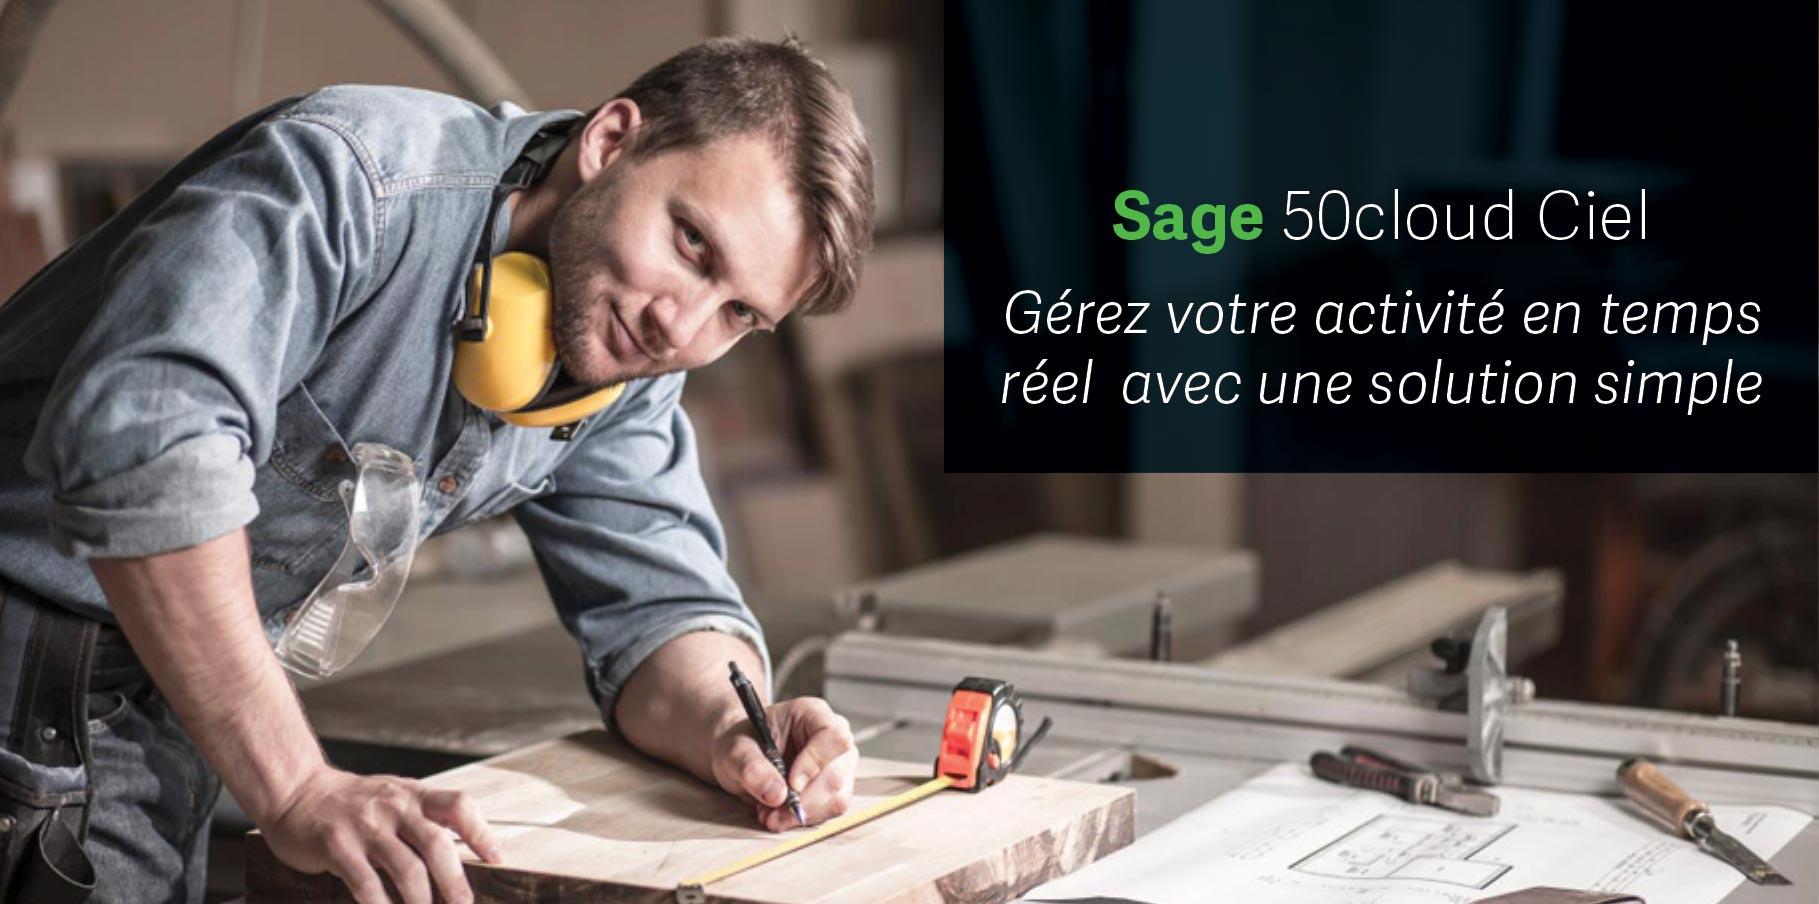 Sage 50cloud Ciel, gérer votre activité en temps réel avec une solution simple - ACAS